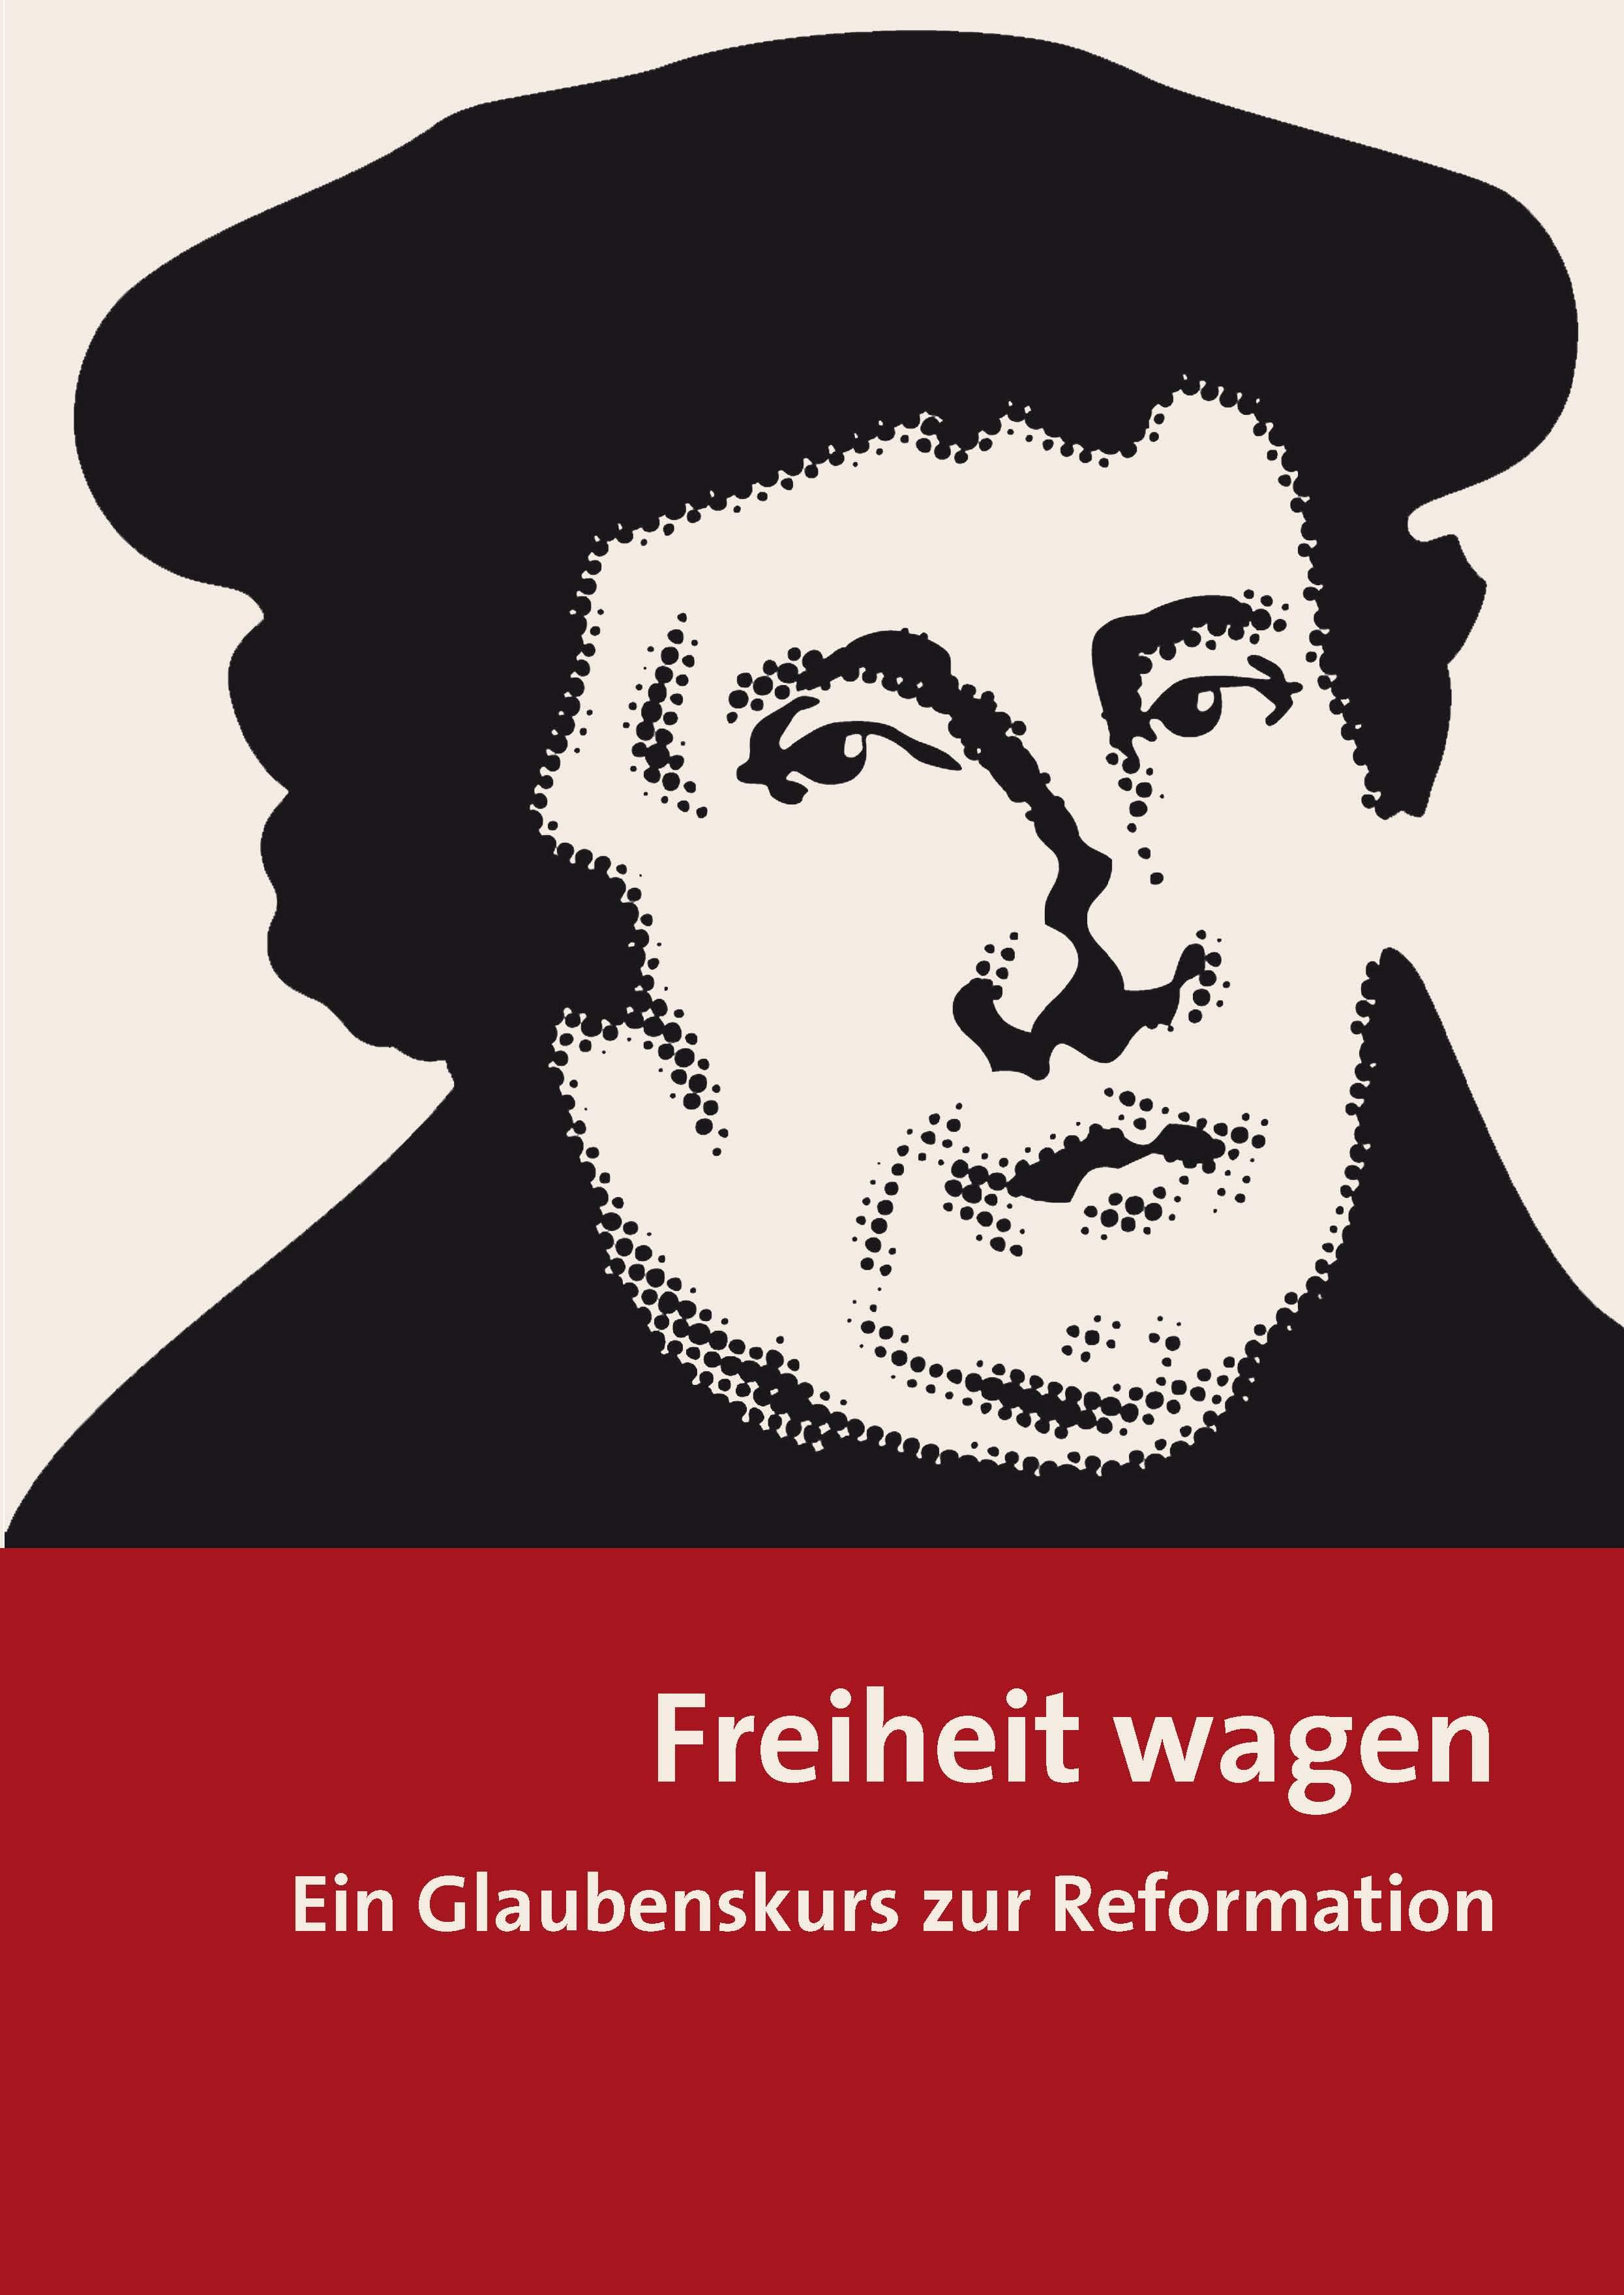 Freiheit wagen. Ein Glaubenskurs zur Reformation